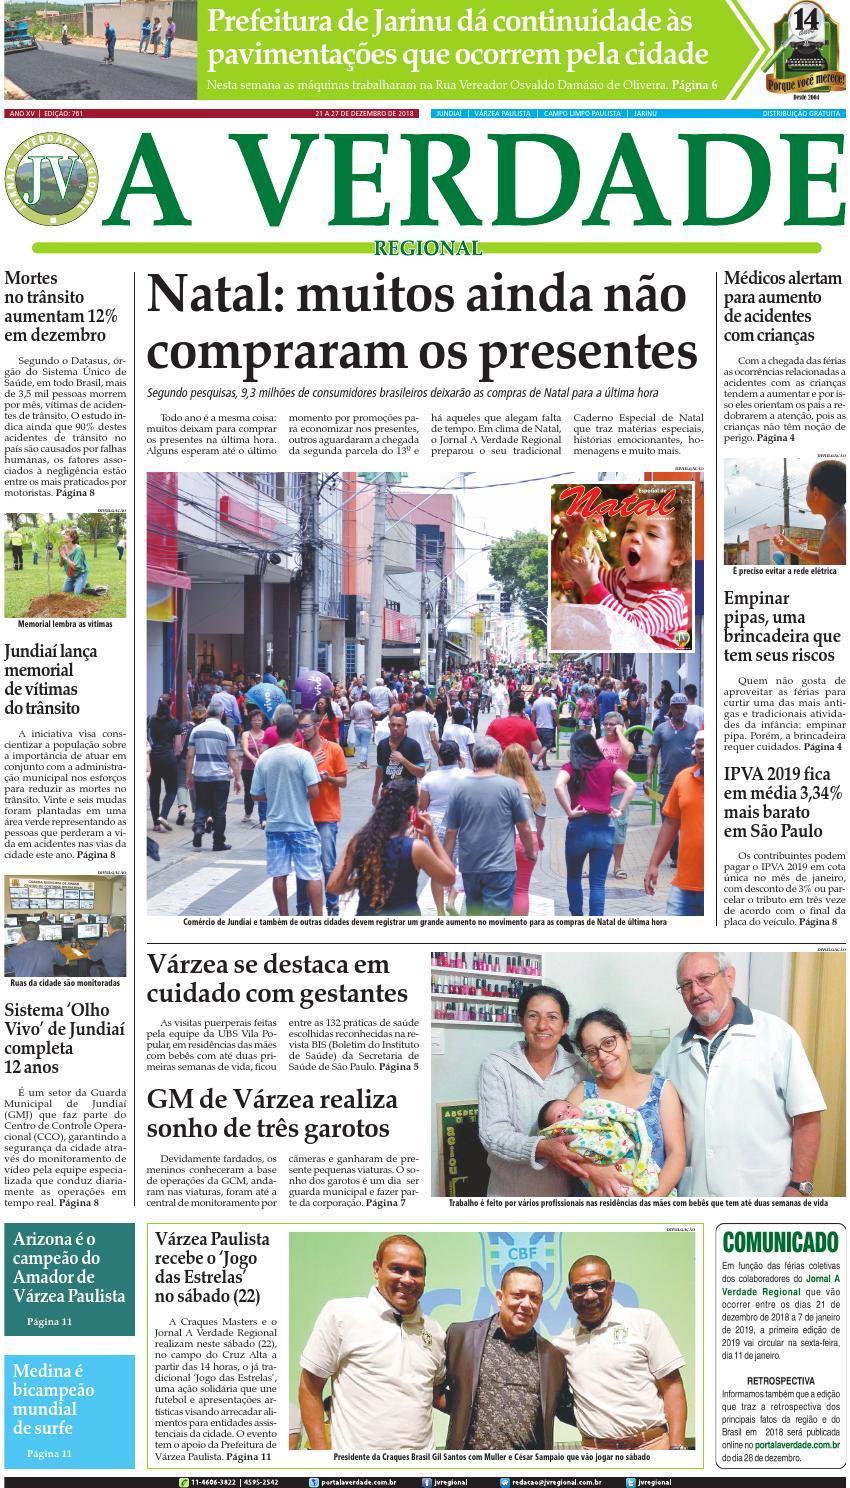 JV Regional ® - Edição 761 by Jornal A Verdade Regional - issuu 5d8223732318b